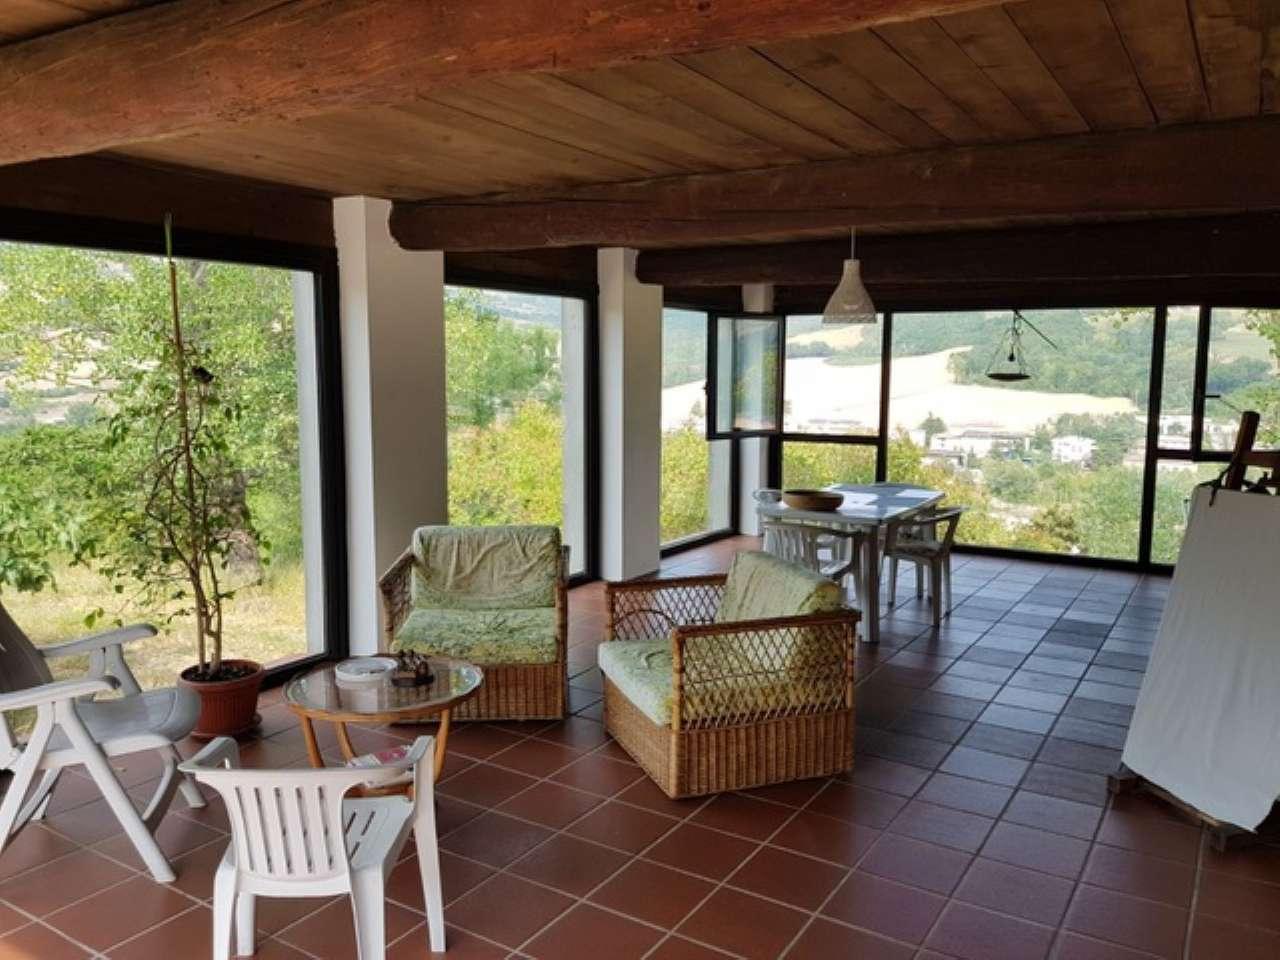 Rustico / Casale in vendita a Bettola, 8 locali, prezzo € 500.000   CambioCasa.it